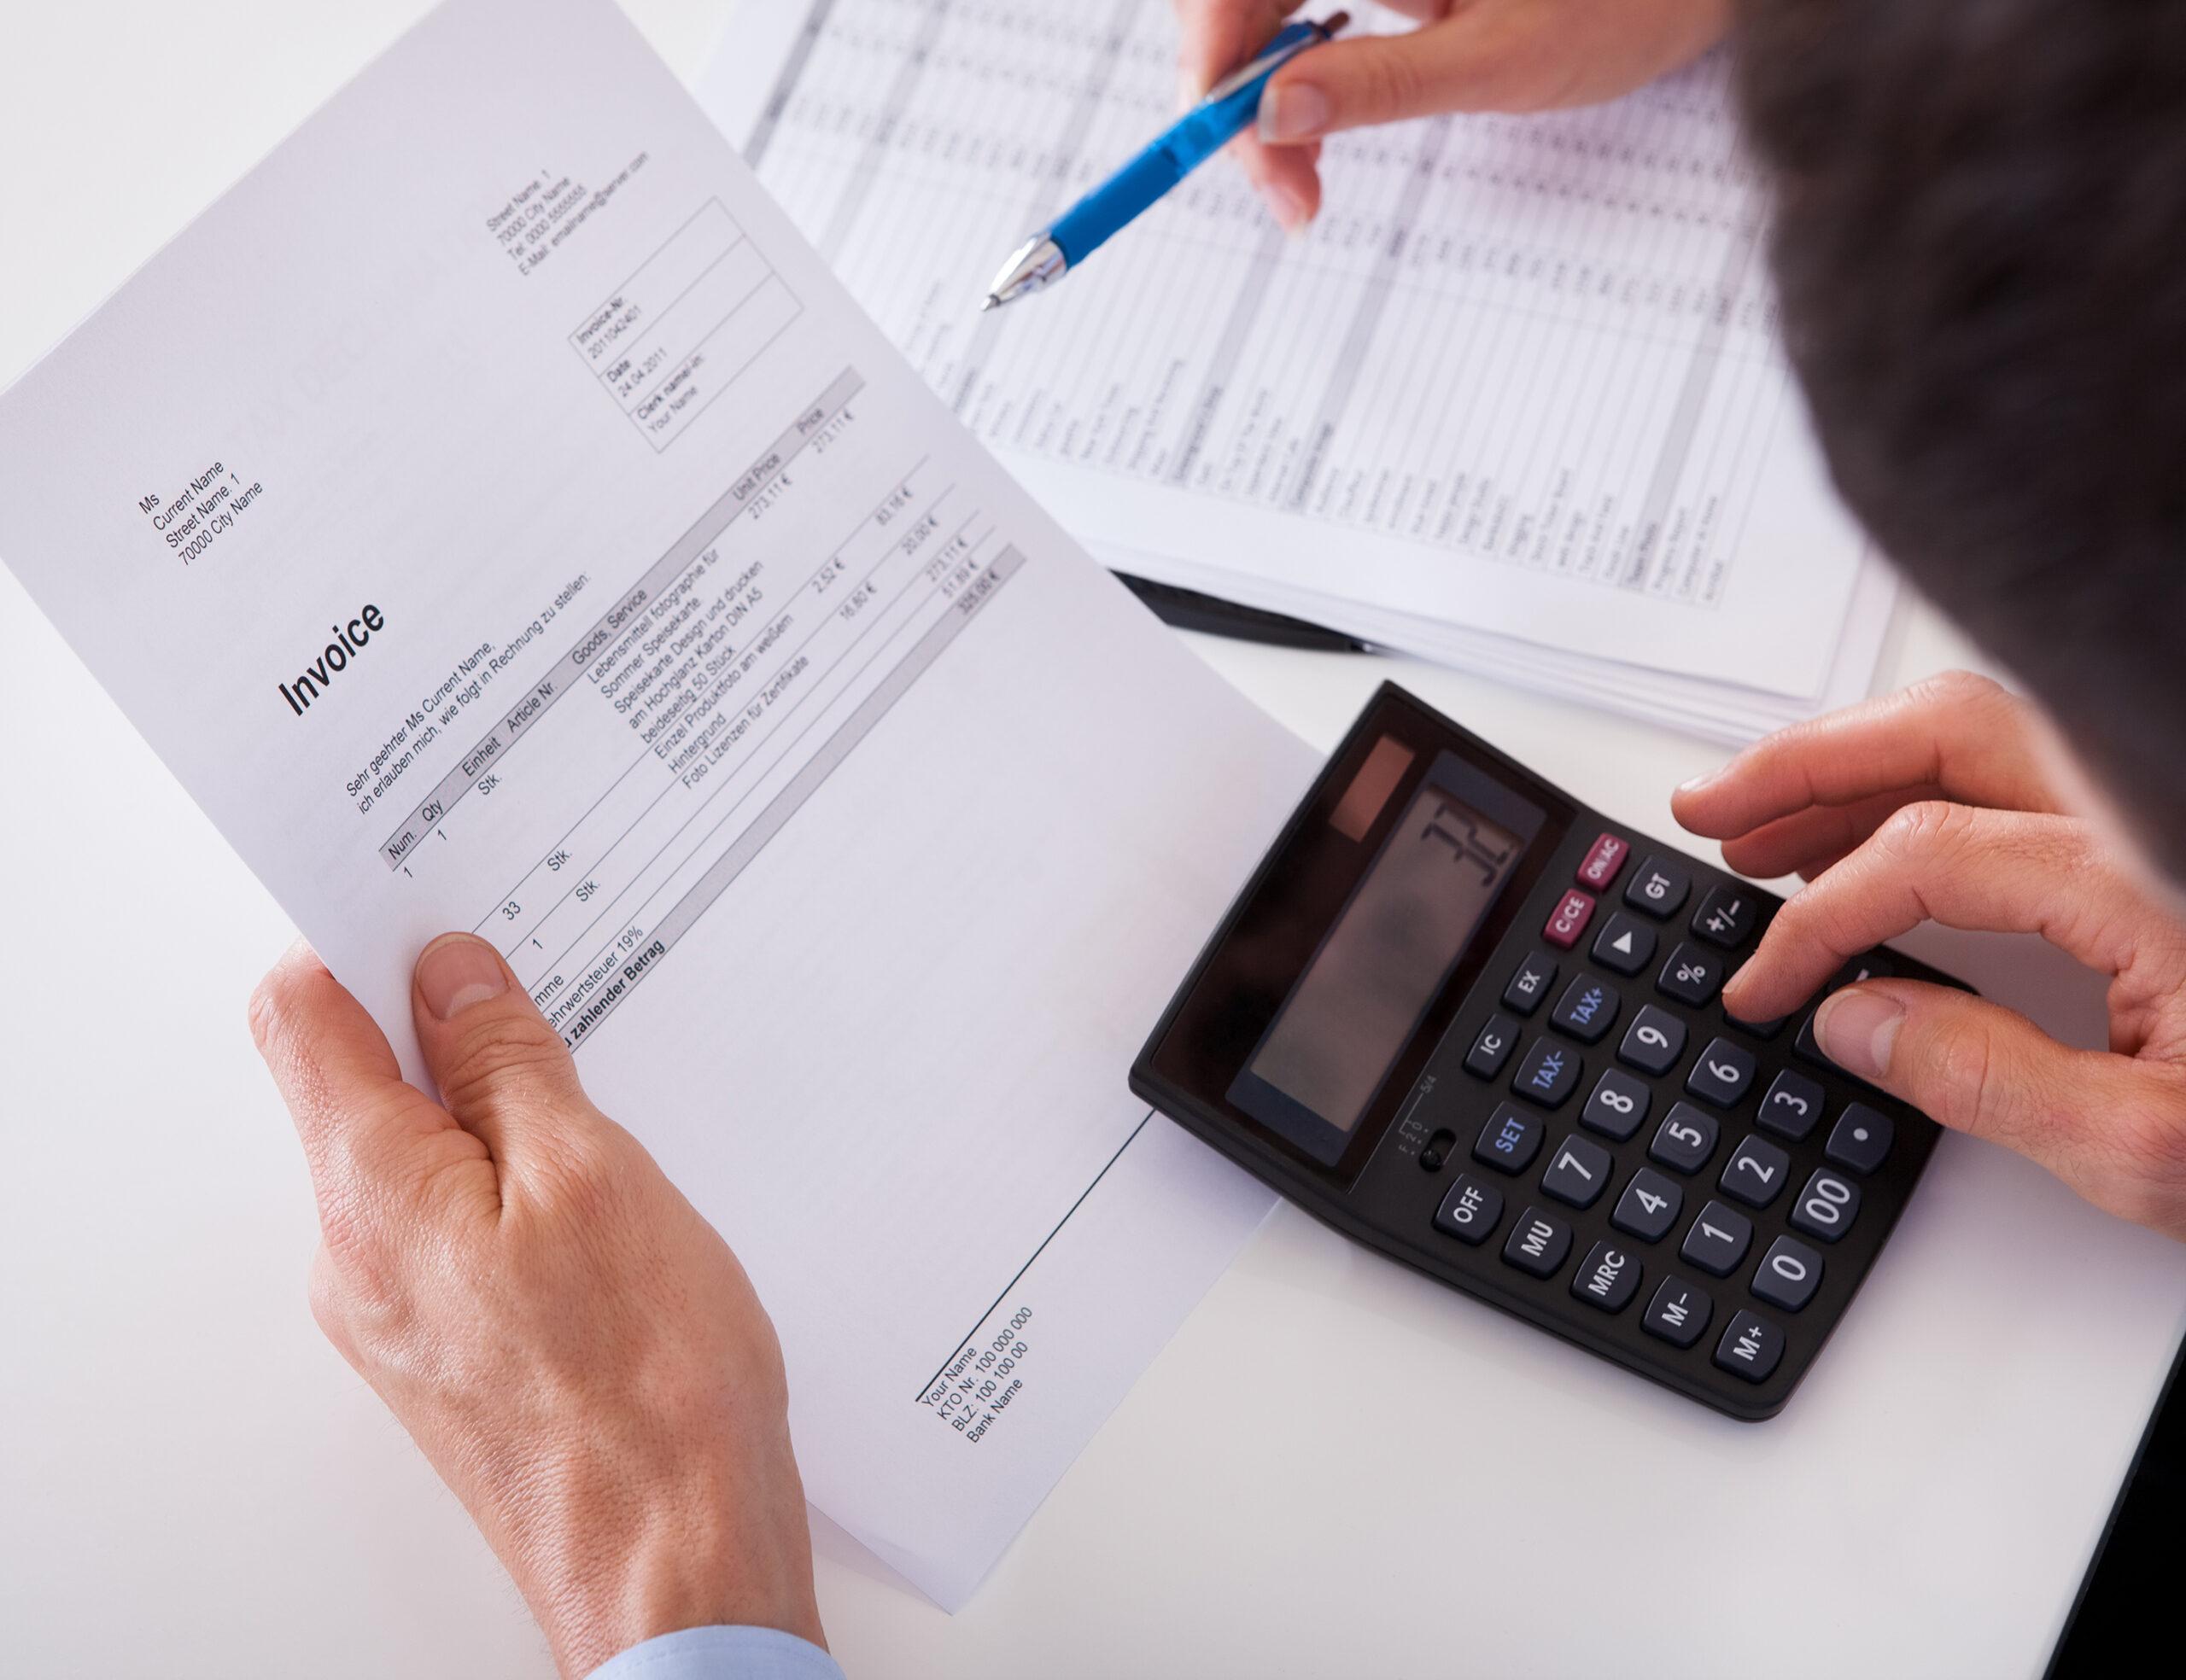 Ein Mann, der am Taschenrechner sitzt mit einer Rechnung in der anderen Hand